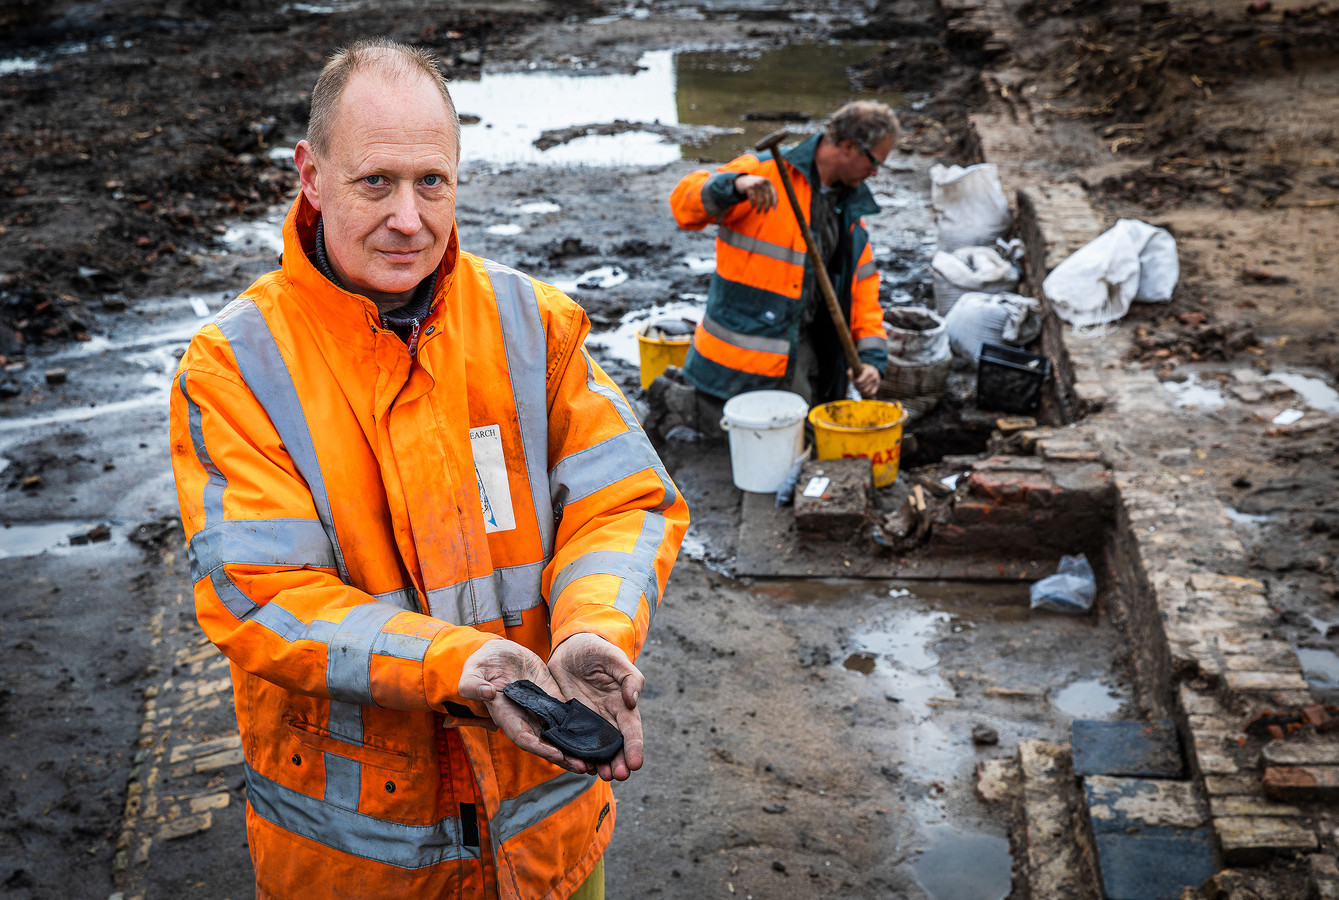 Archeoloog Jeroen Ras, hier gefotografeerd bij onderzoek in Puttershoek, is opgetogen over de ontdekking van de graven bij het Oude Raadhuis in Oud-Beijerland.